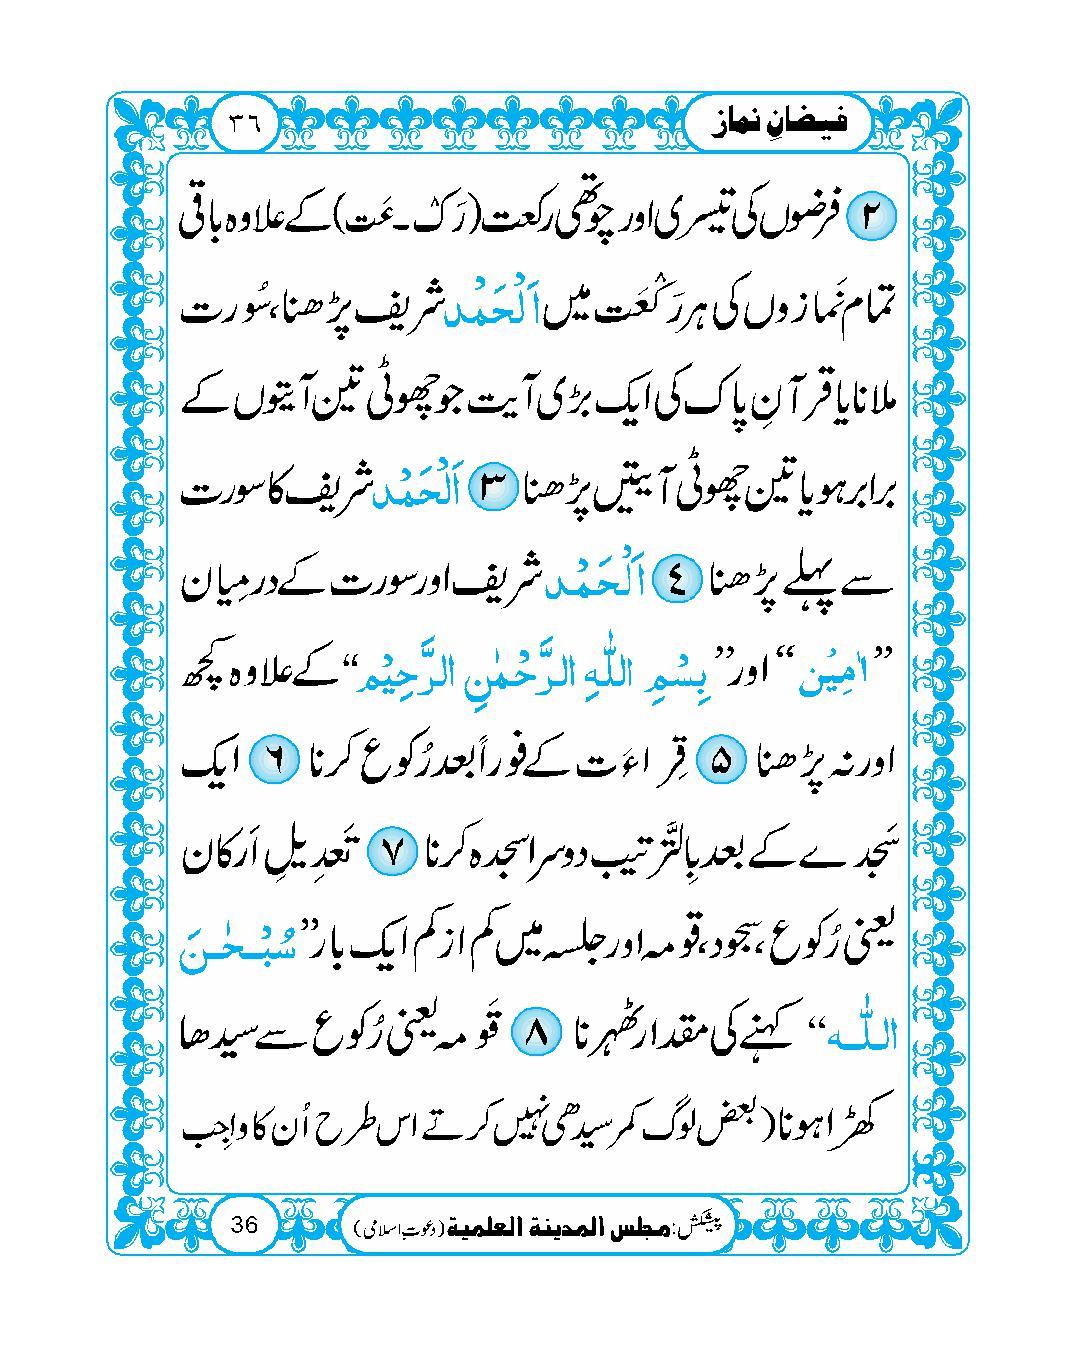 page No 36